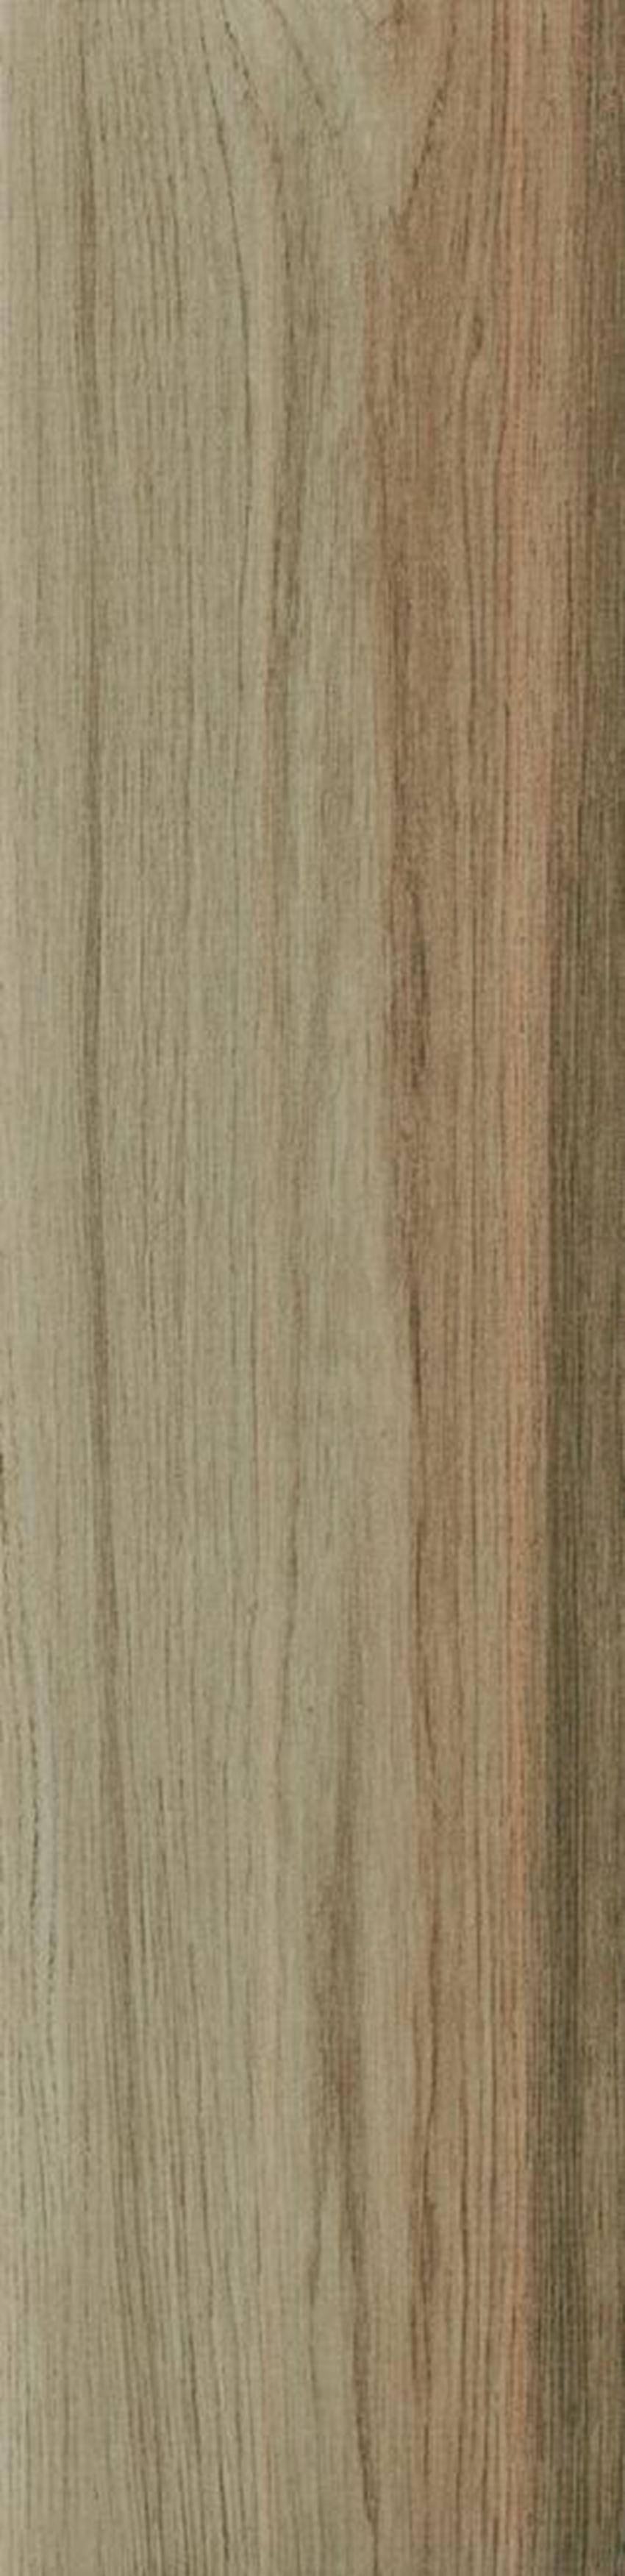 Płytka ścienno-podłogowa 16x65,5 cm Paradyż Maloe Natural Gres Szkany Rektyfikowany Mat